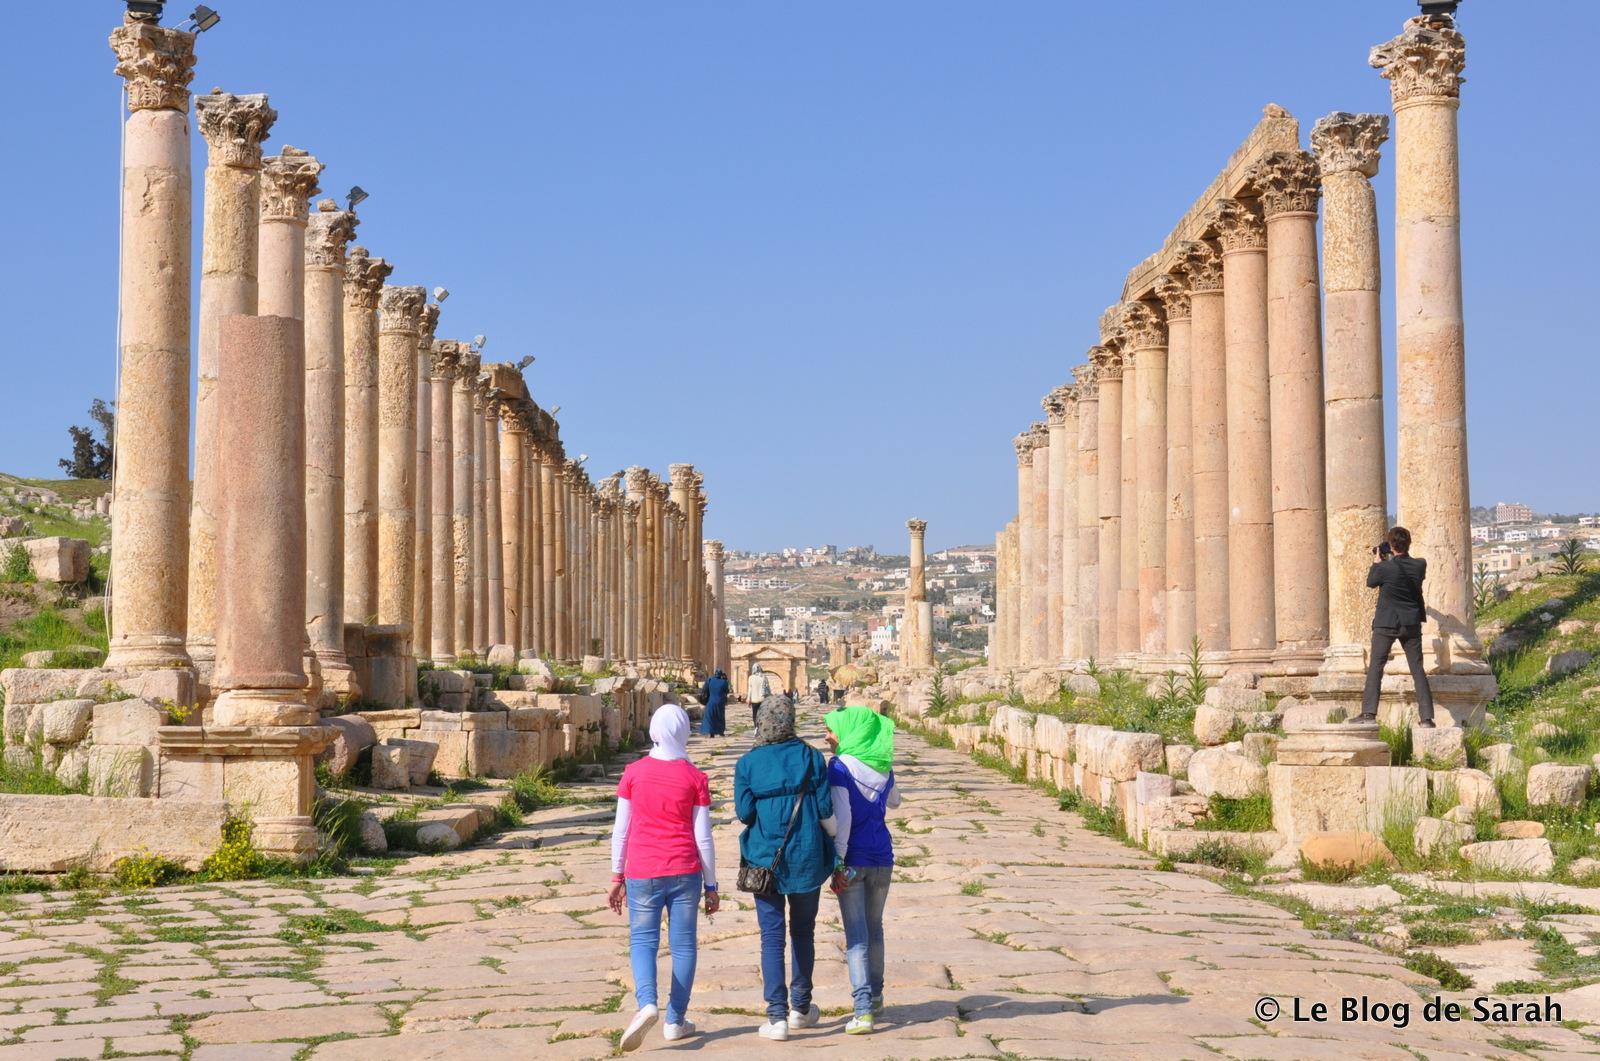 jerash jordan columnas